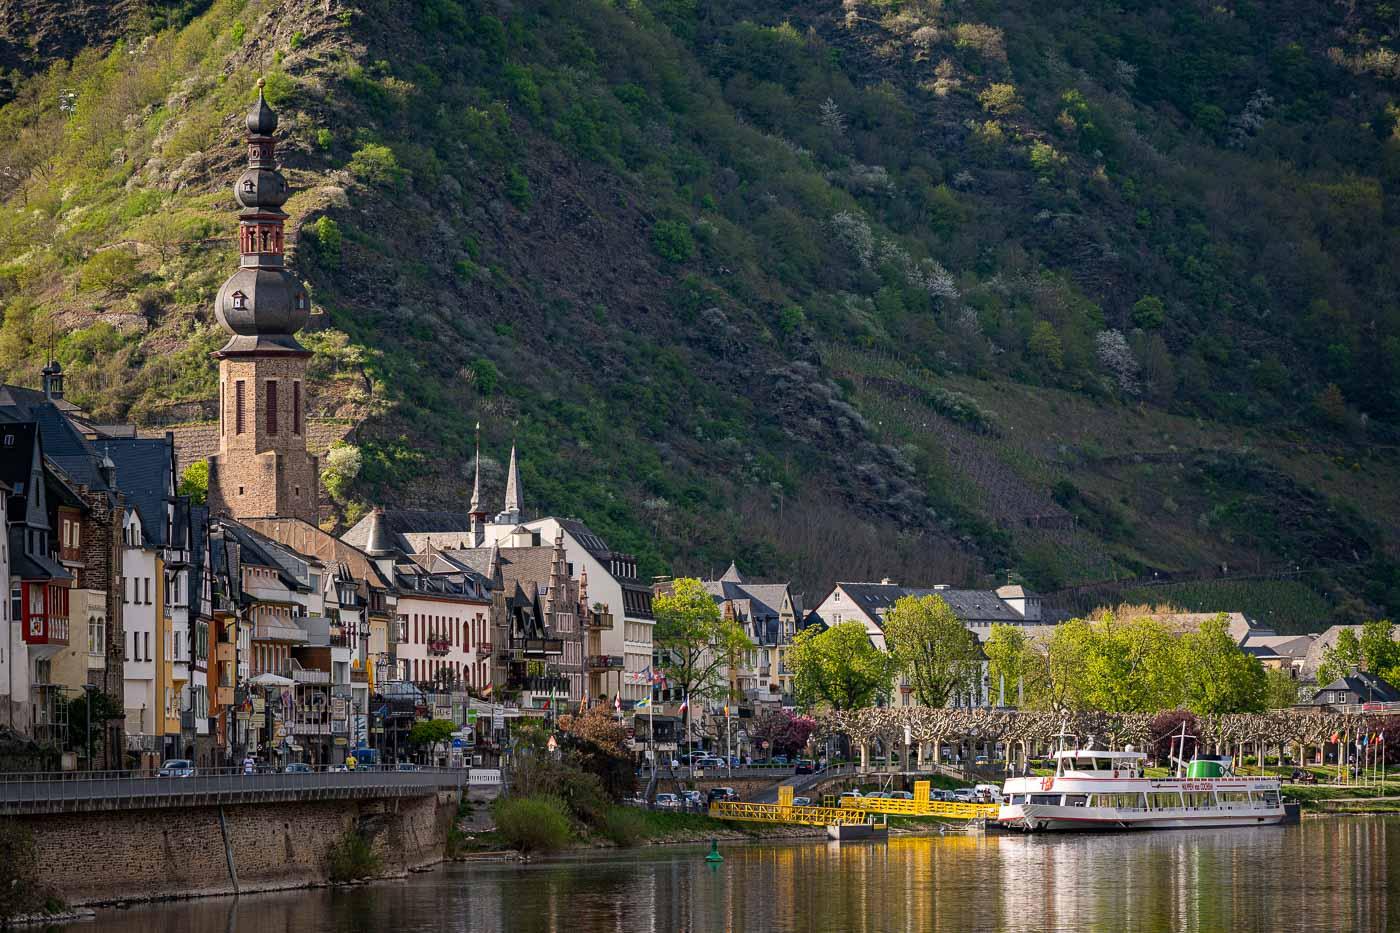 Jahresrückblick 2020 - April - Cochem an der Mosel